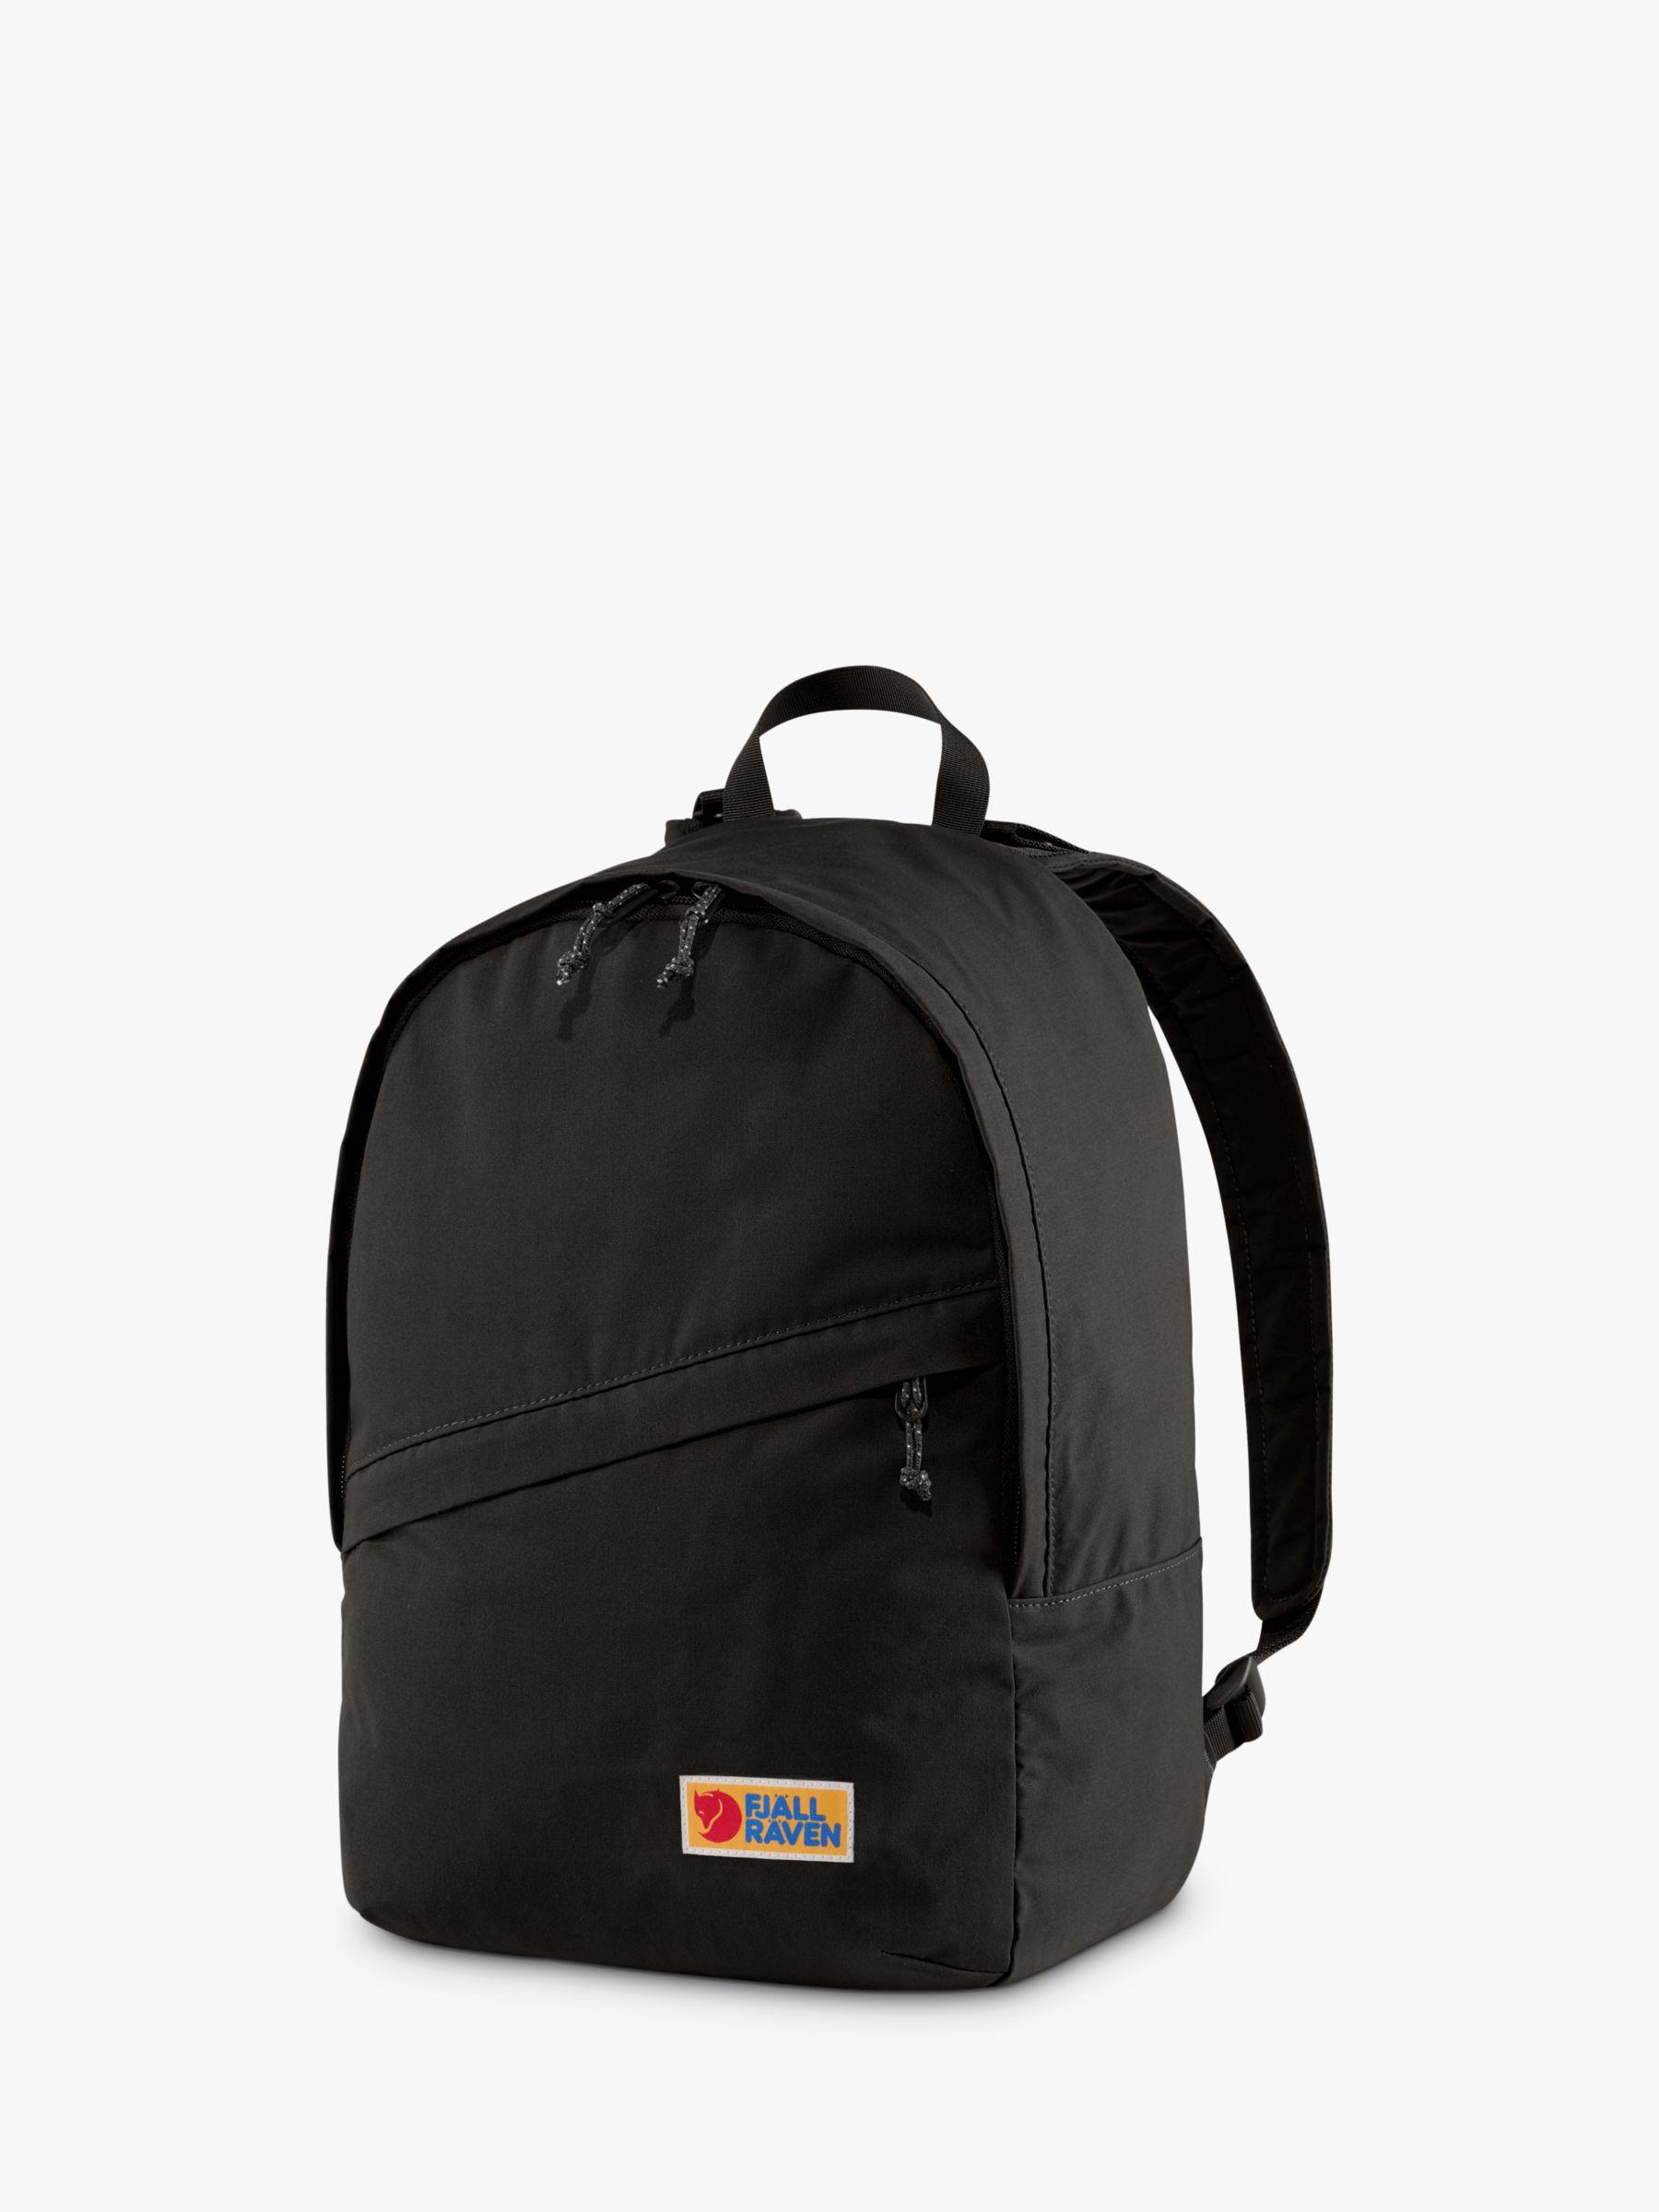 Fjallraven Fjällräven Vardag 16 Backpack, Stone Grey